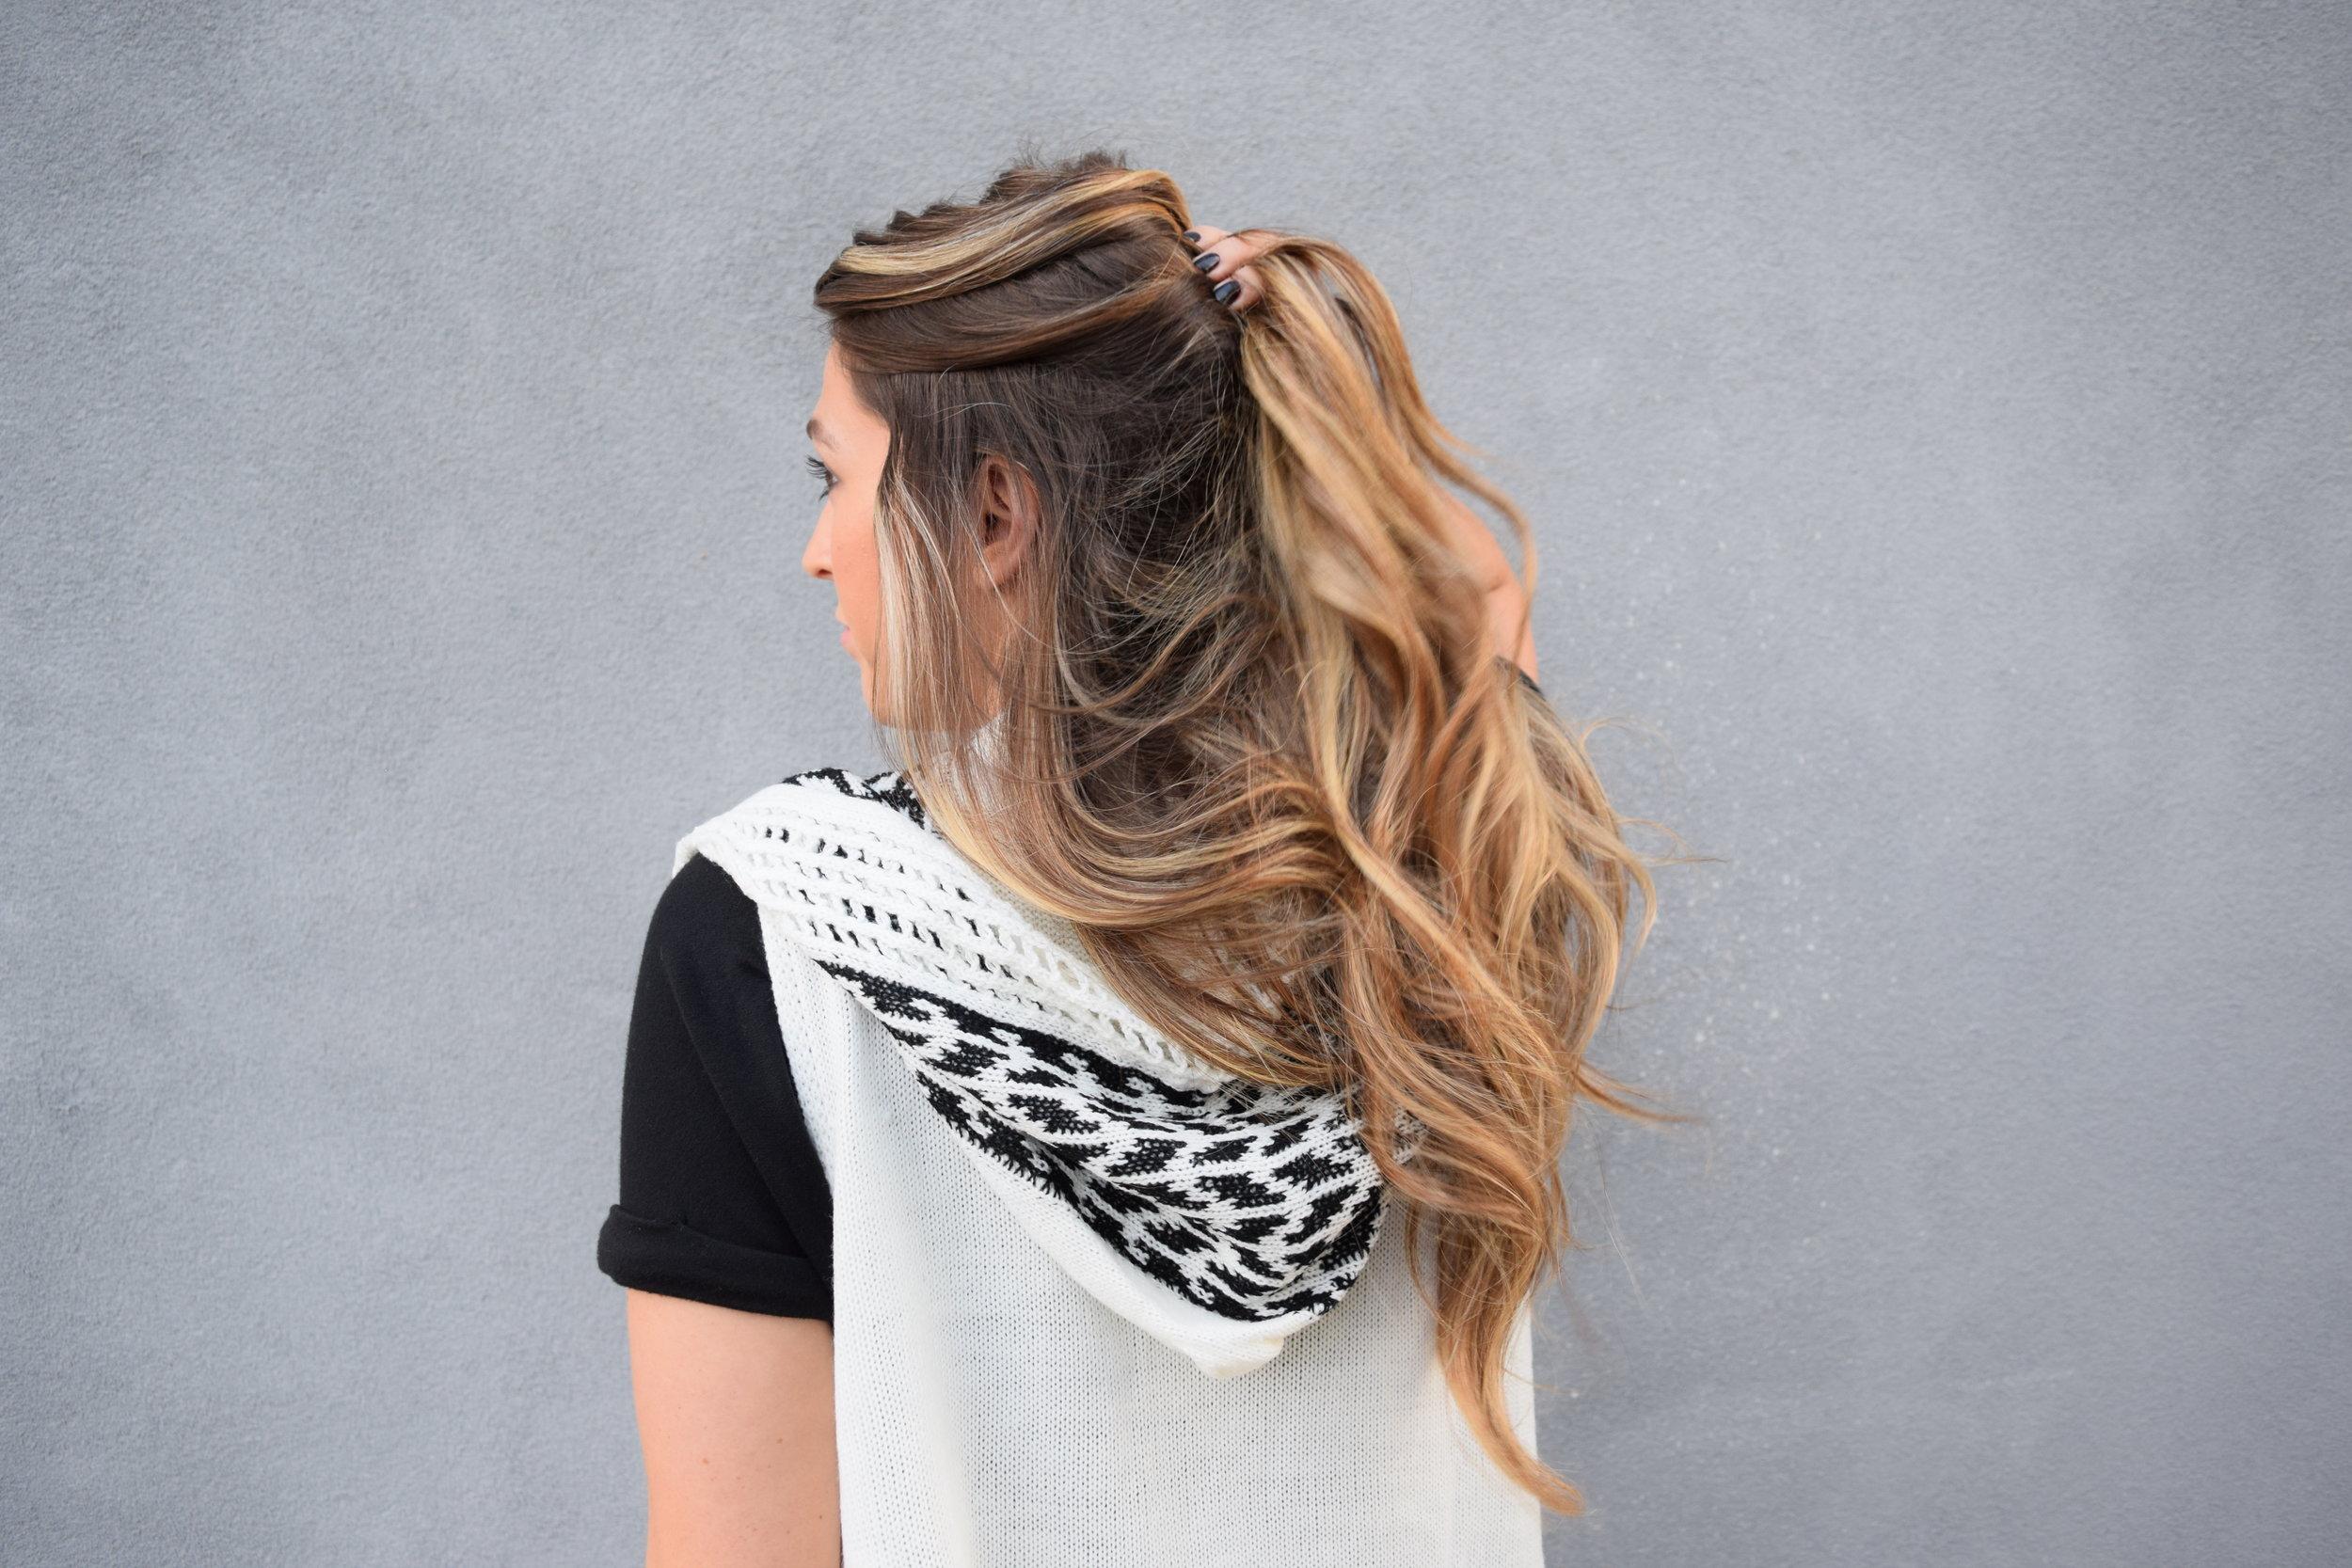 hair goals // pinebarrenbeauty.com